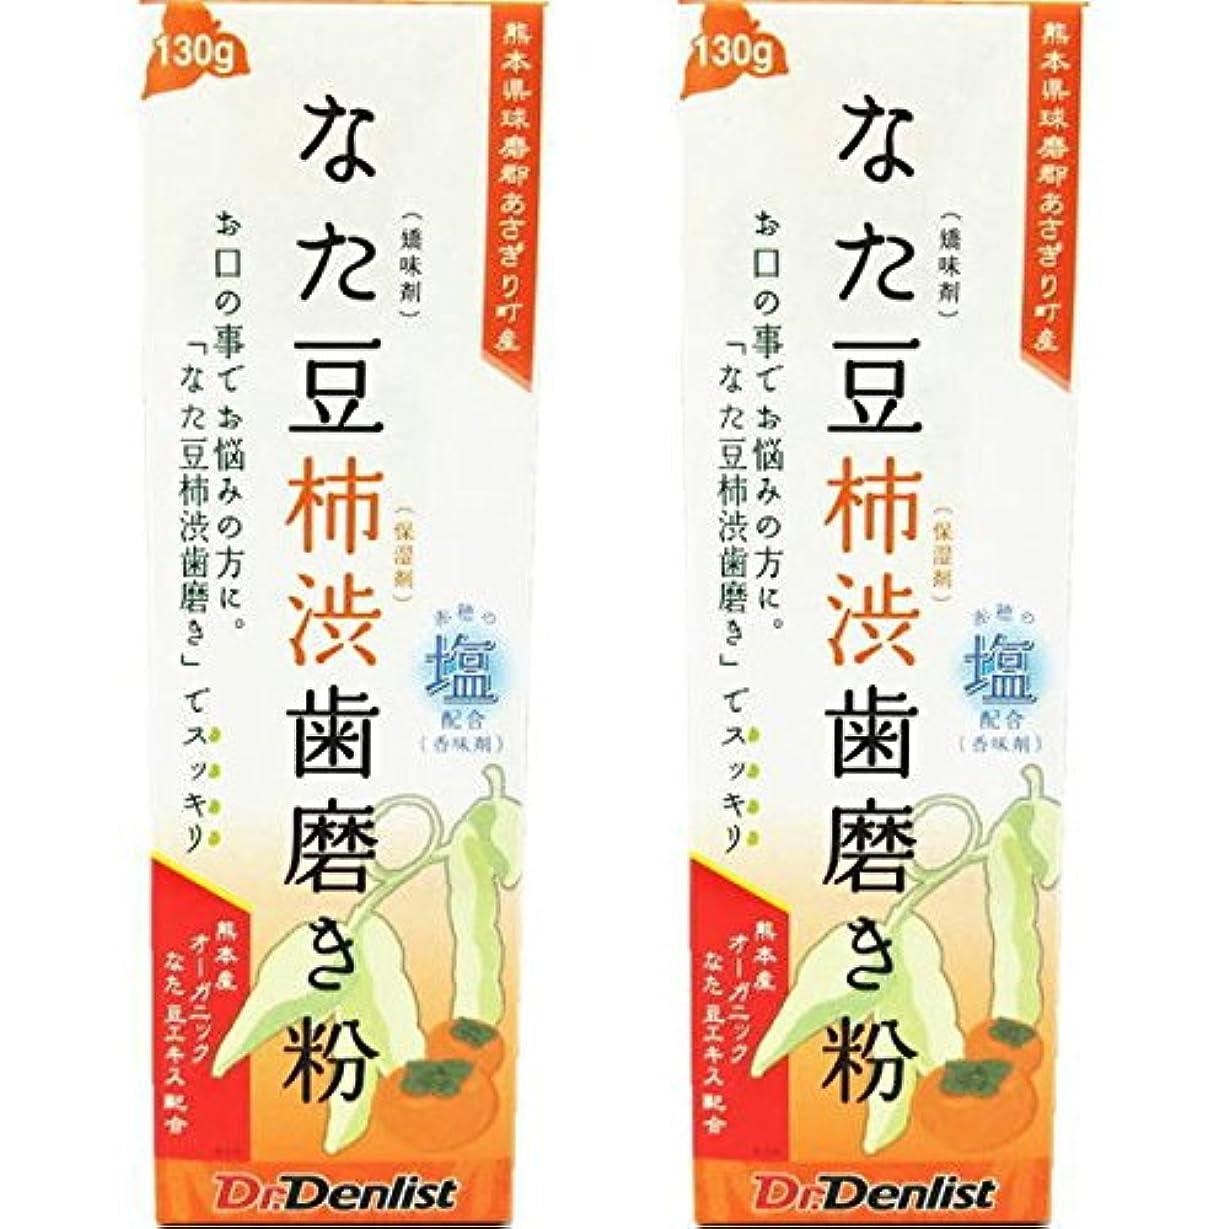 崇拝する六分儀野心的なた豆柿渋歯磨き 130g 2個セット 国産 有機なた豆使用 赤穂の塩配合(香味剤)